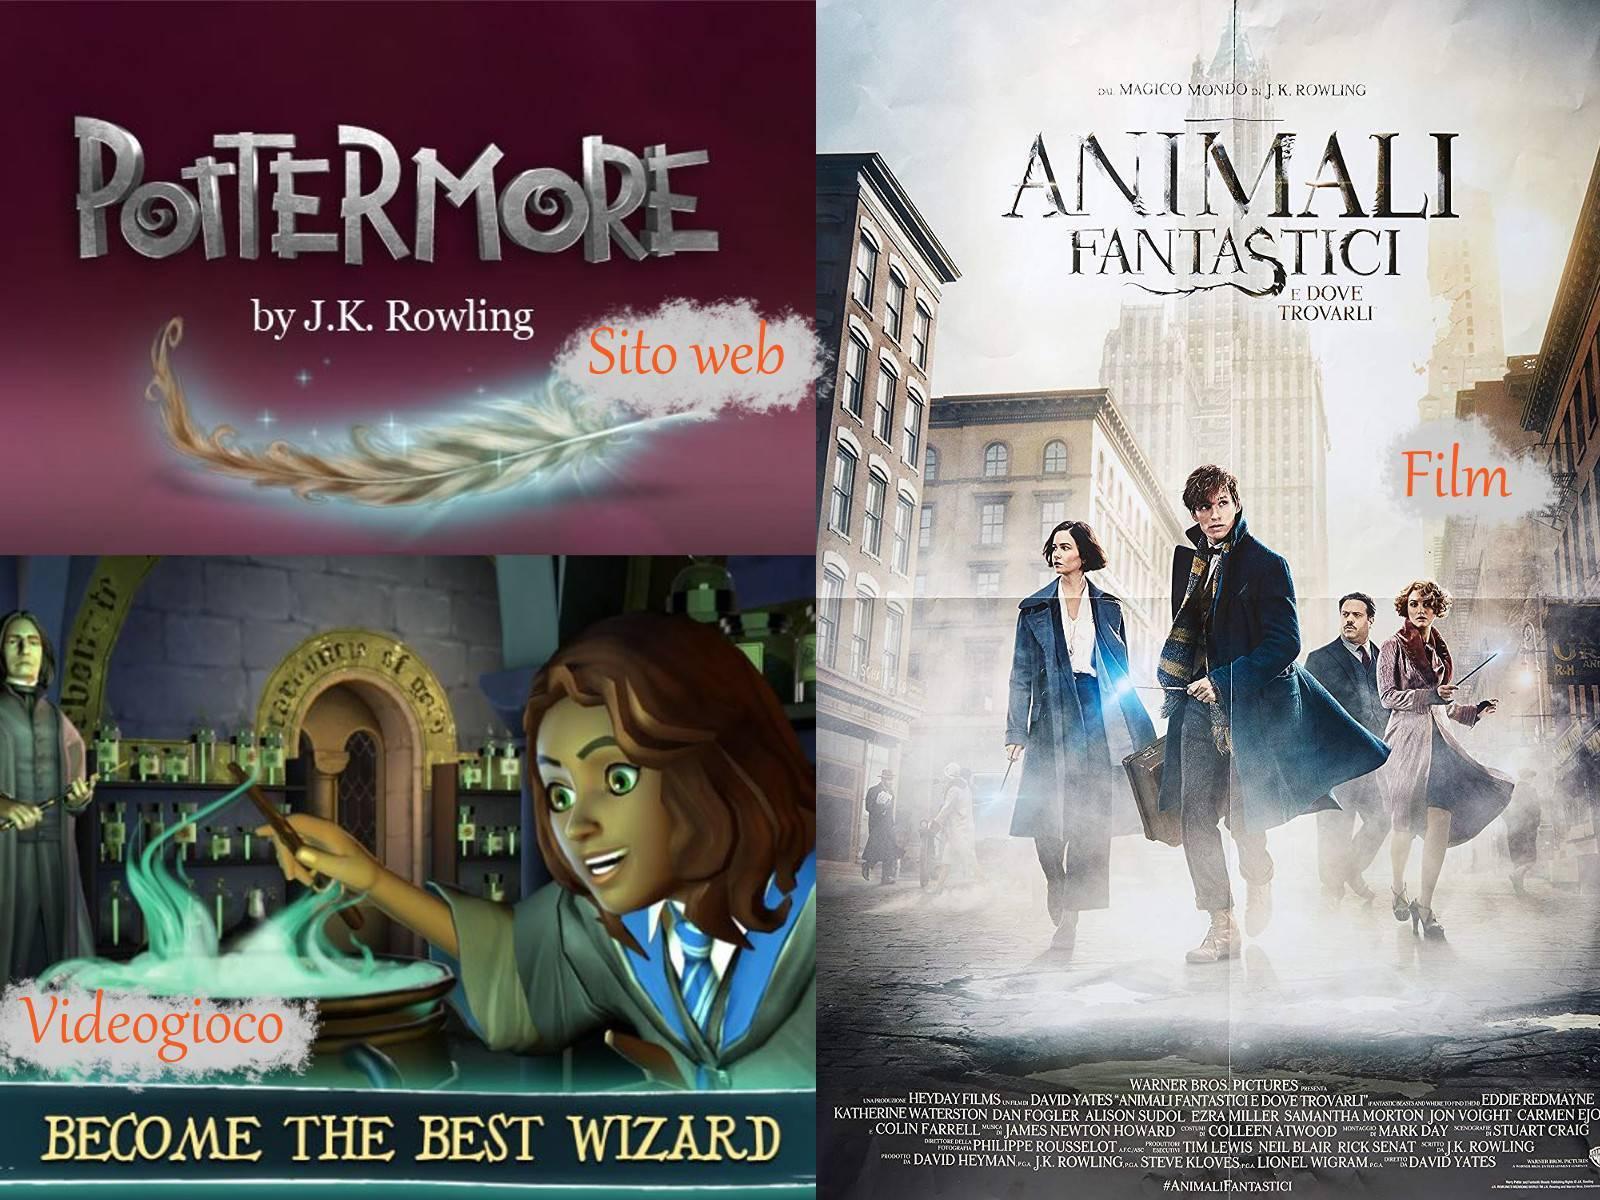 """Pottermore, videogioco e """"Animali fantastici e dove trovarli"""". Prodotti ispirati al mondo di Harry Potter."""